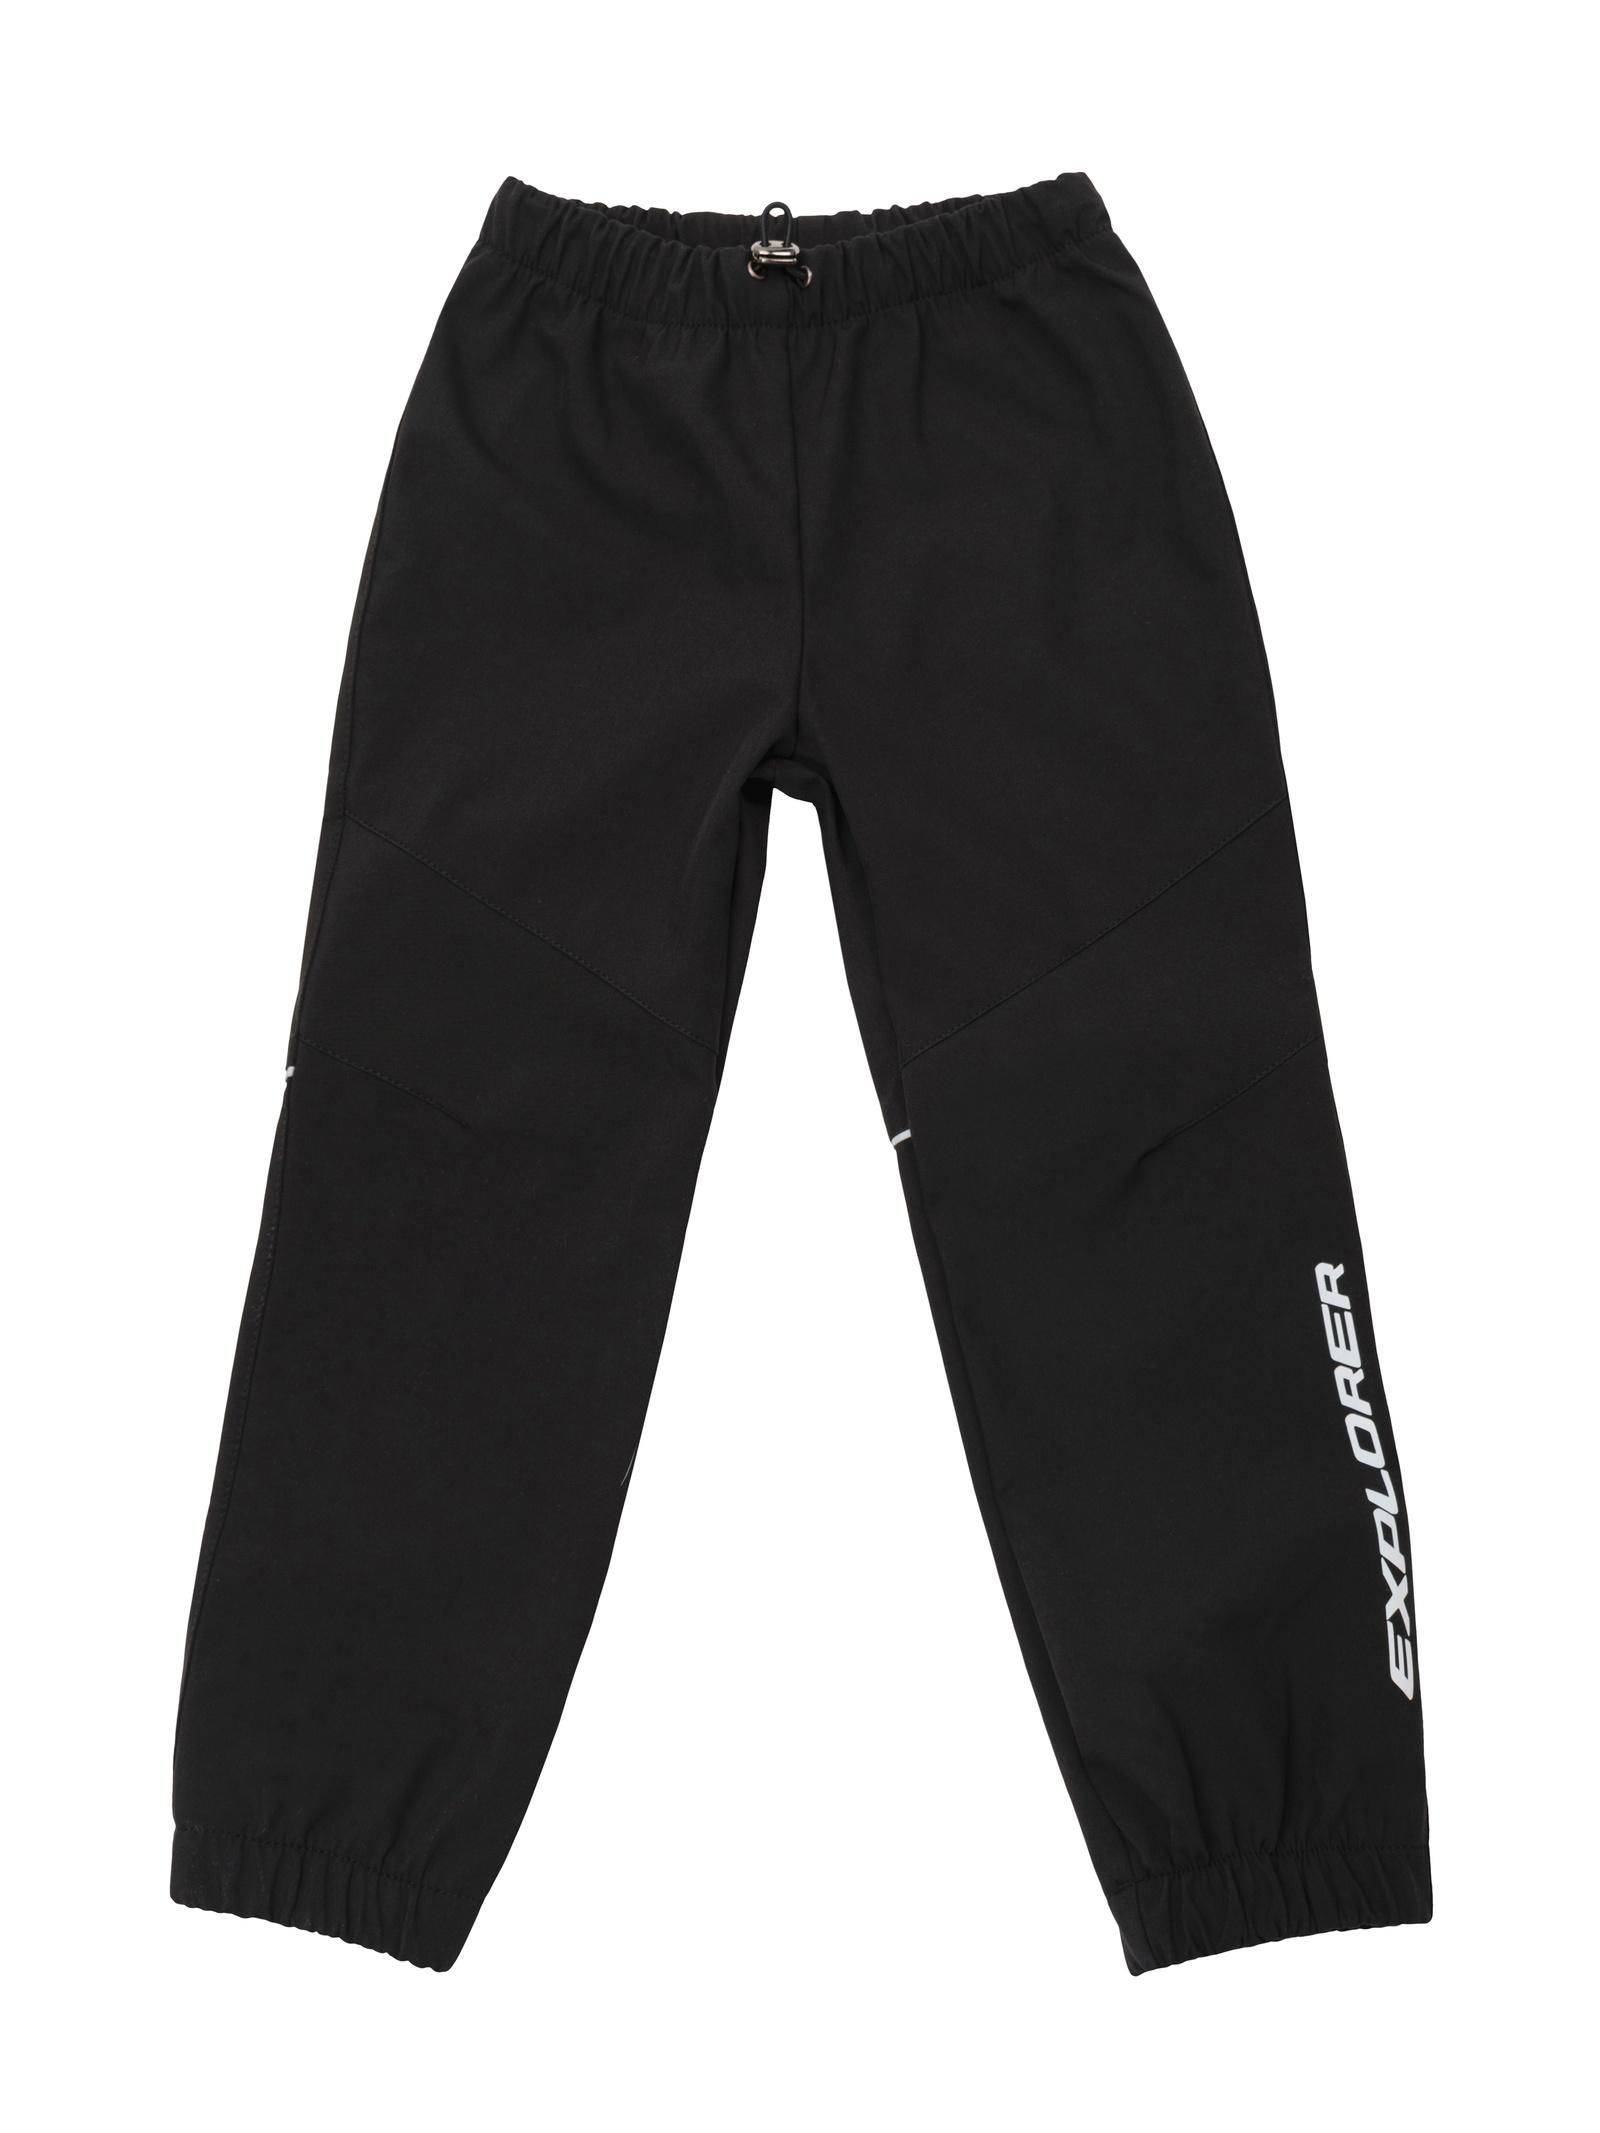 Брюки утепленные Sherysheff, черный 104 размерВ19053-4,Черный,р-р104Ветронепроницаемые брюки для детей изготовлены из материала Softshell, дышащий и водоотталкивающий. Размеры начинаются с 86 см, так что даже самые маленькие члены семьи смогут насладиться прогулкой в отличных удобных брючках. МЕМБРАНА 10000/3000